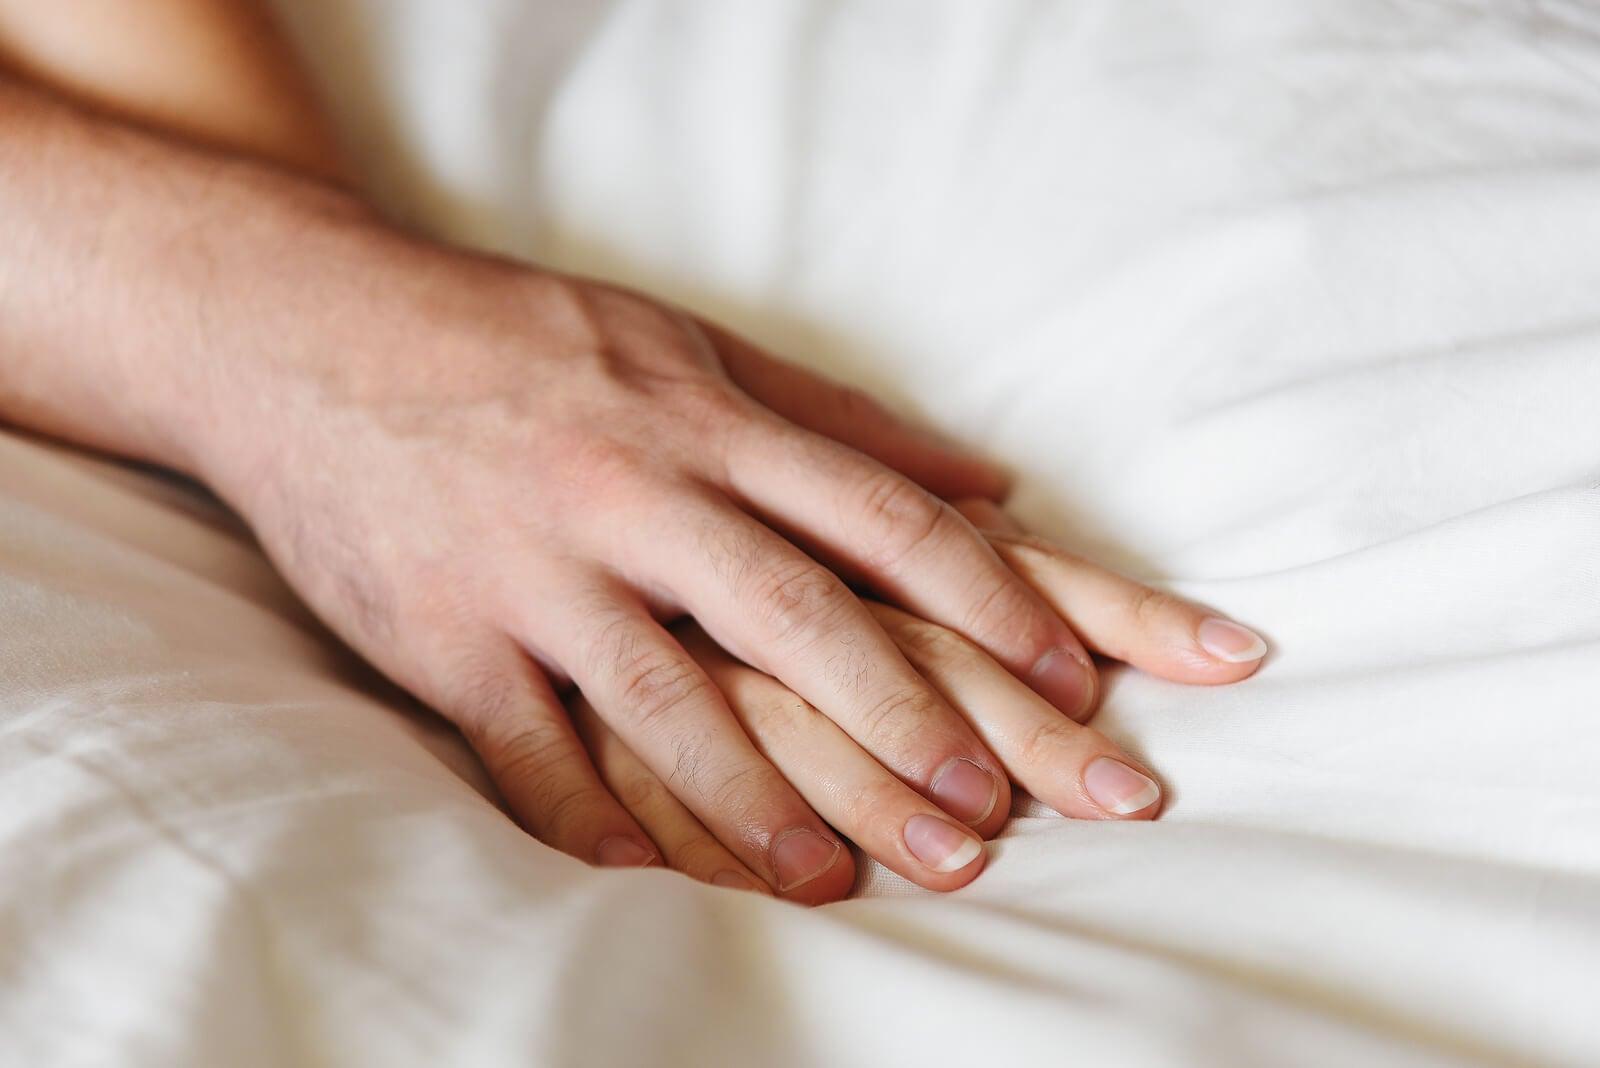 Descubre 7 posturas para lograr una penetración profunda